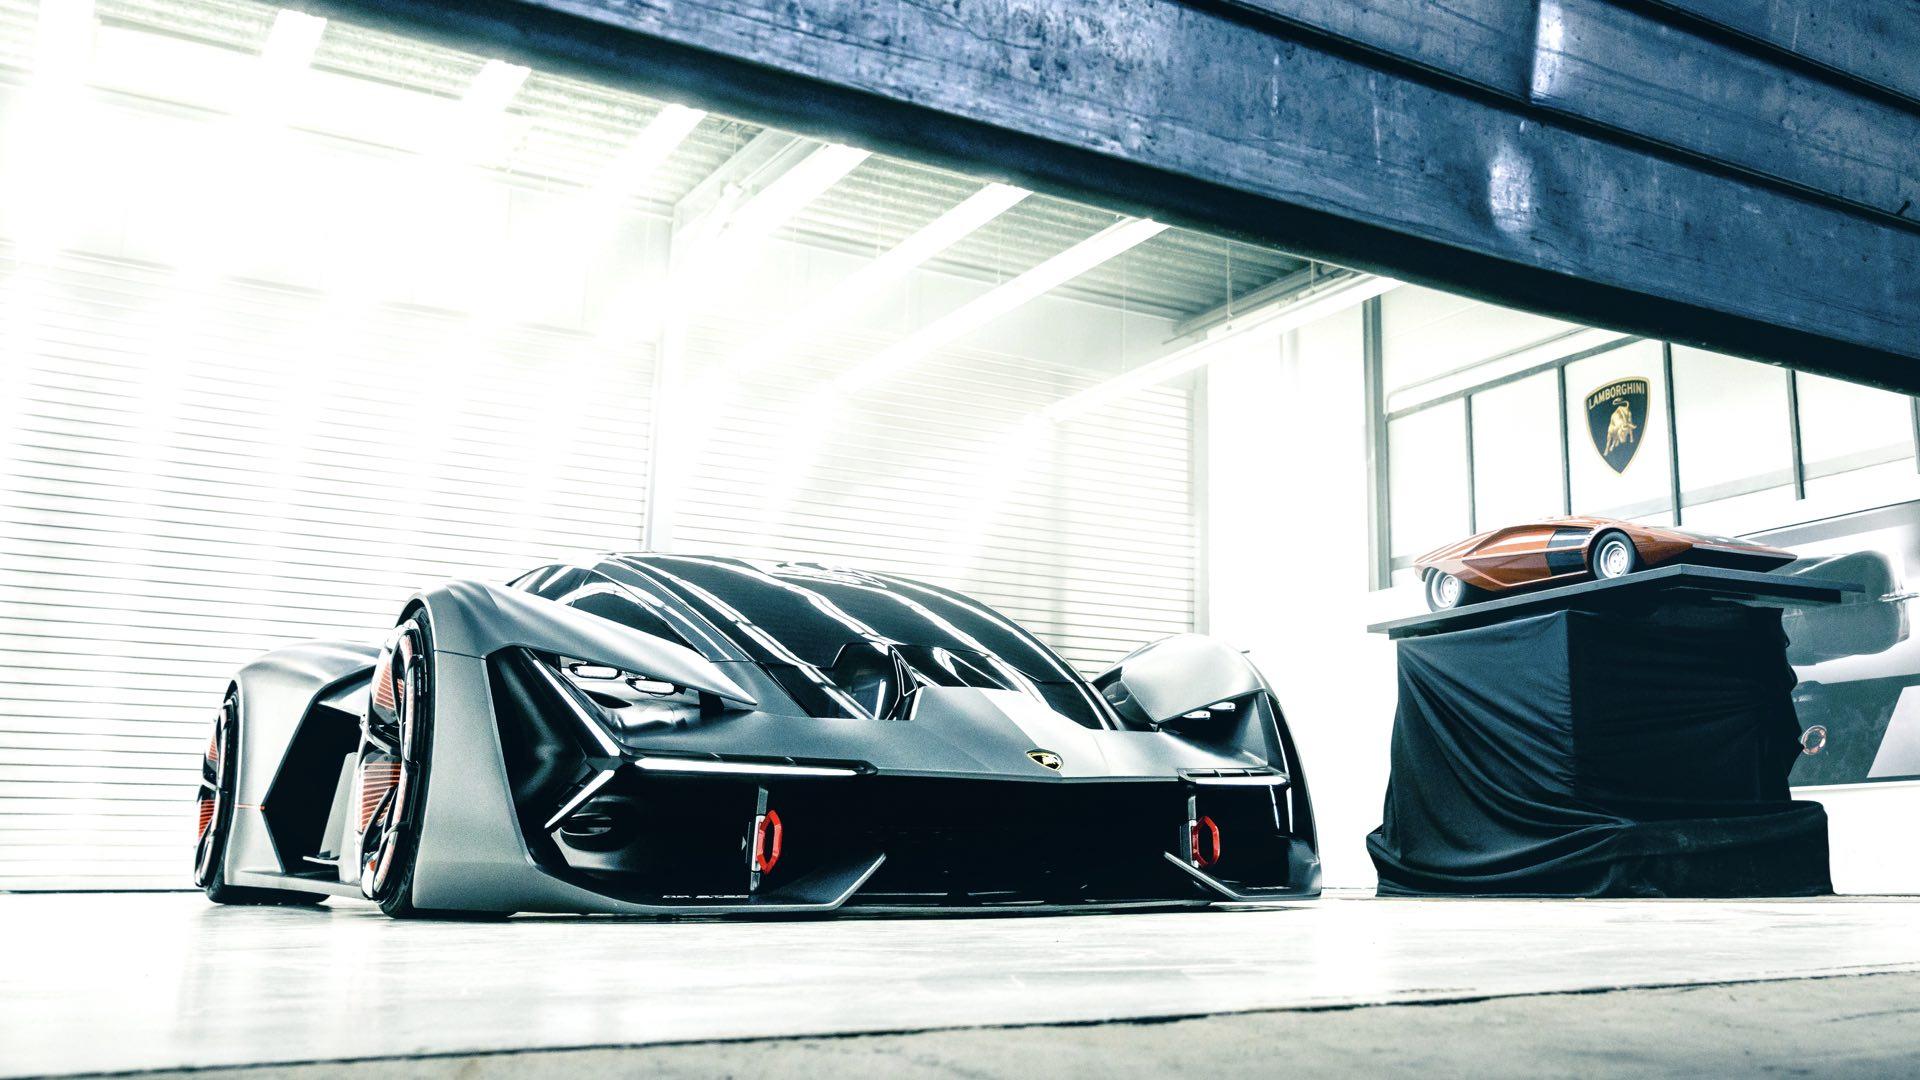 Lamborghini Terzo Millennio - 2017 - front side-face / profil avant